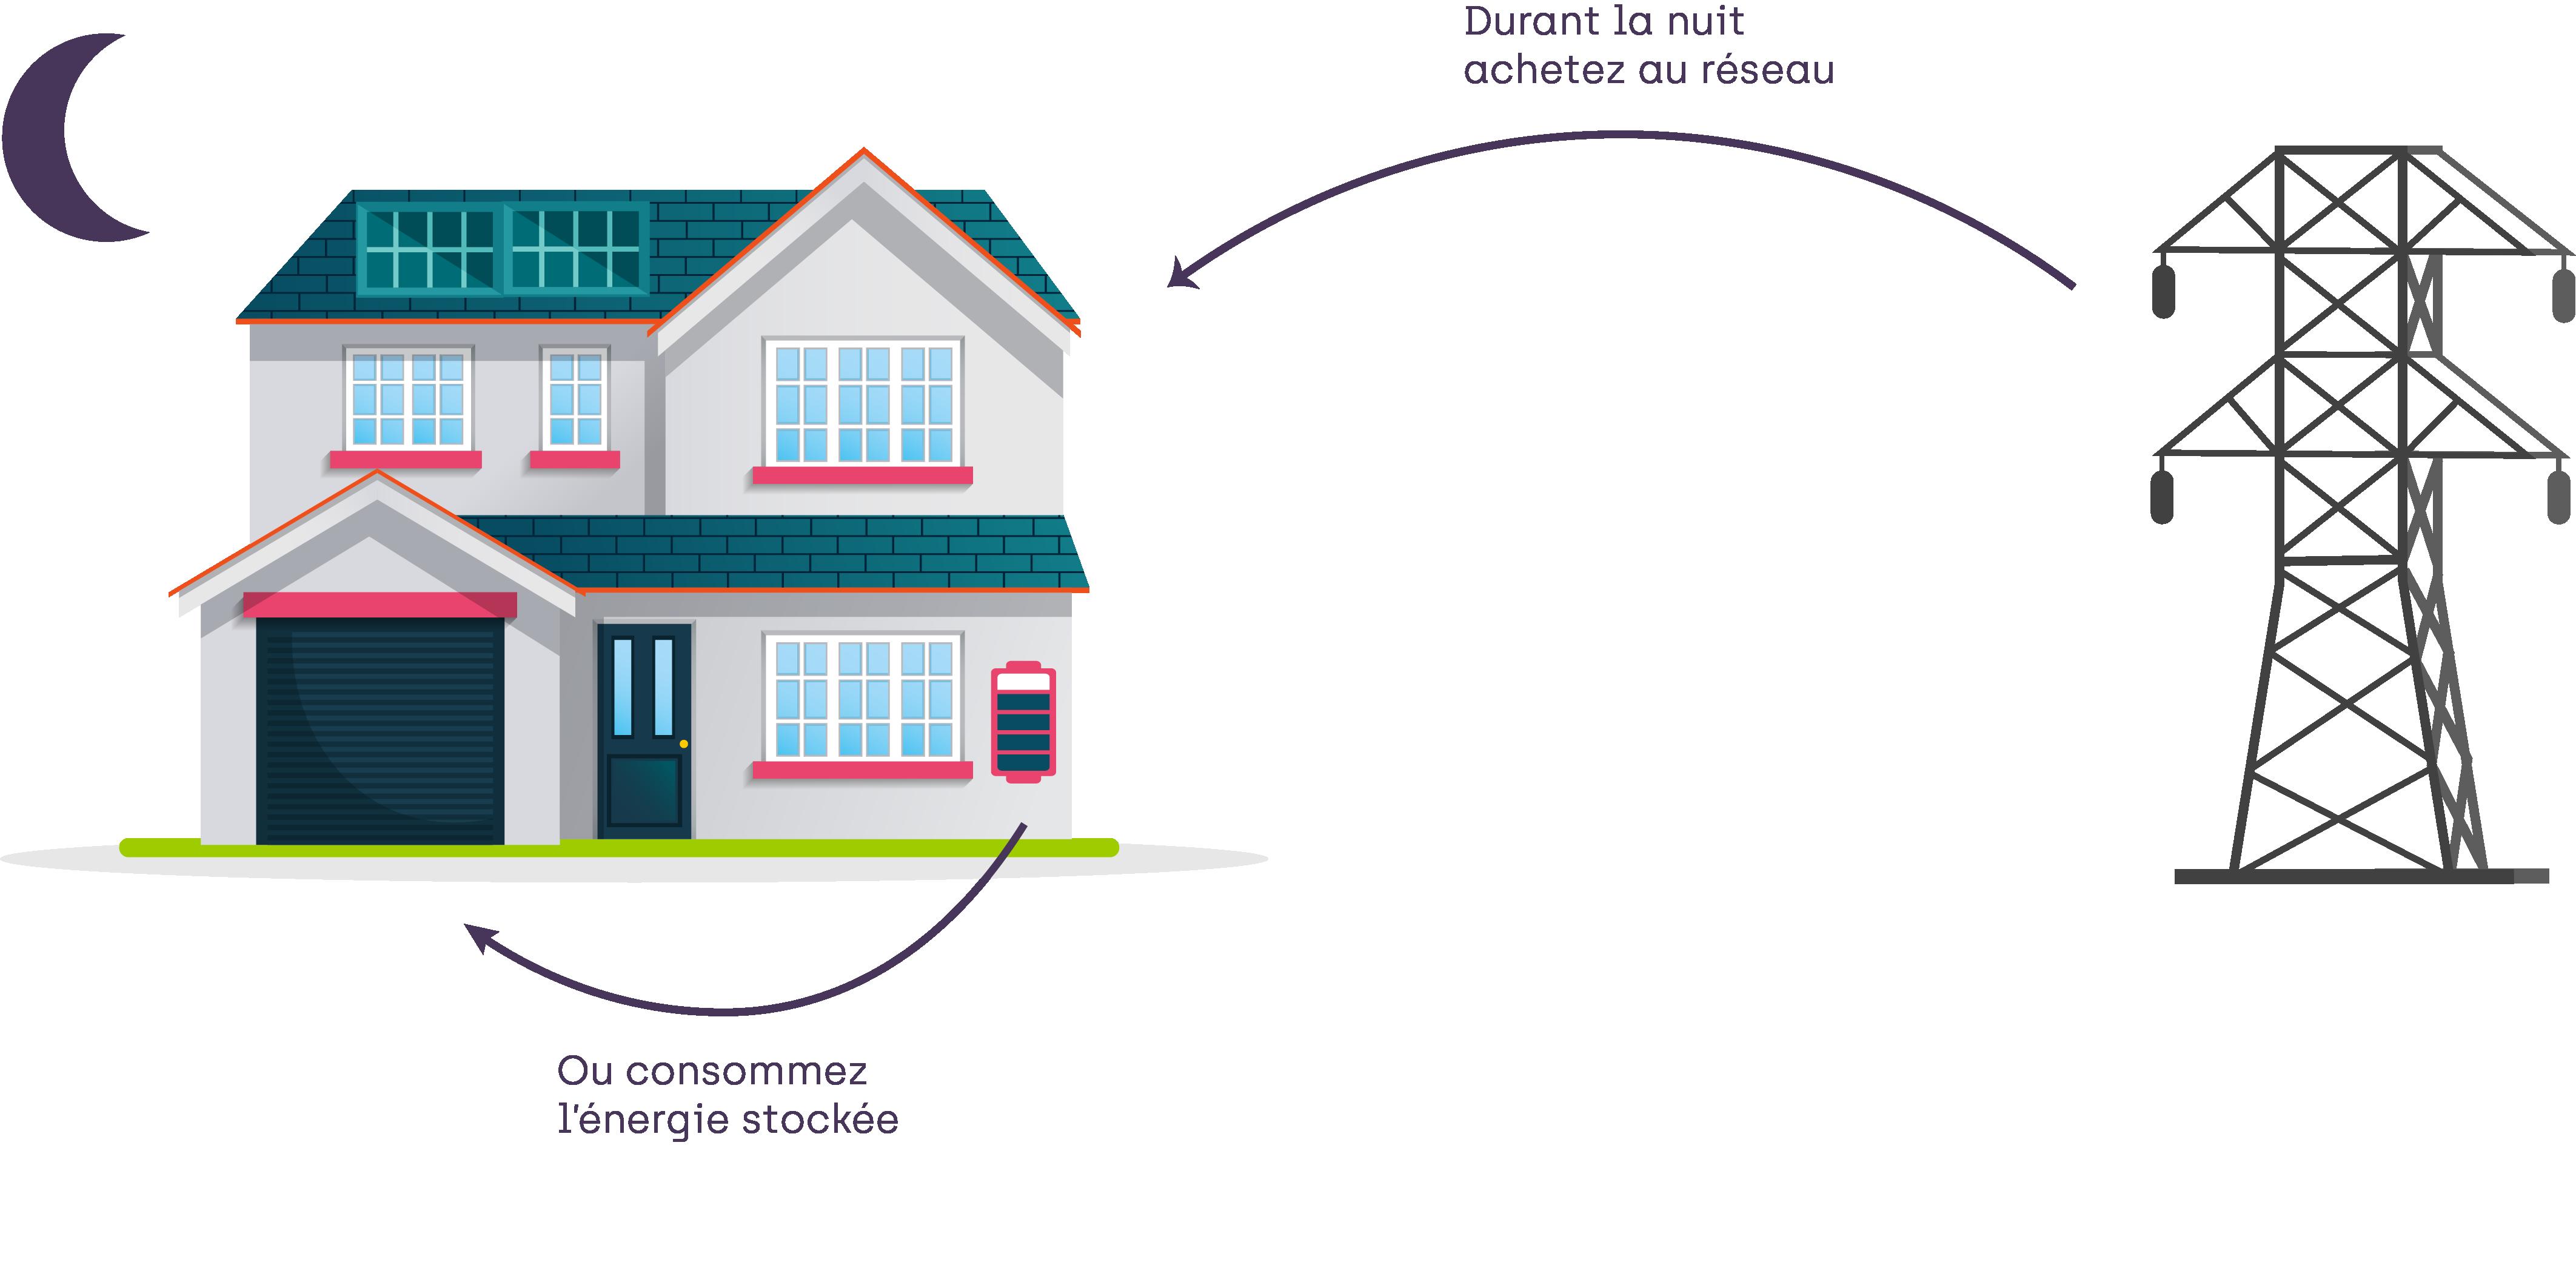 Cette illustration explique clairement fonctionnement autoconsommation, avec le rachat de l'électricité au réseau ou l'énergie stockée directement dans les batteries